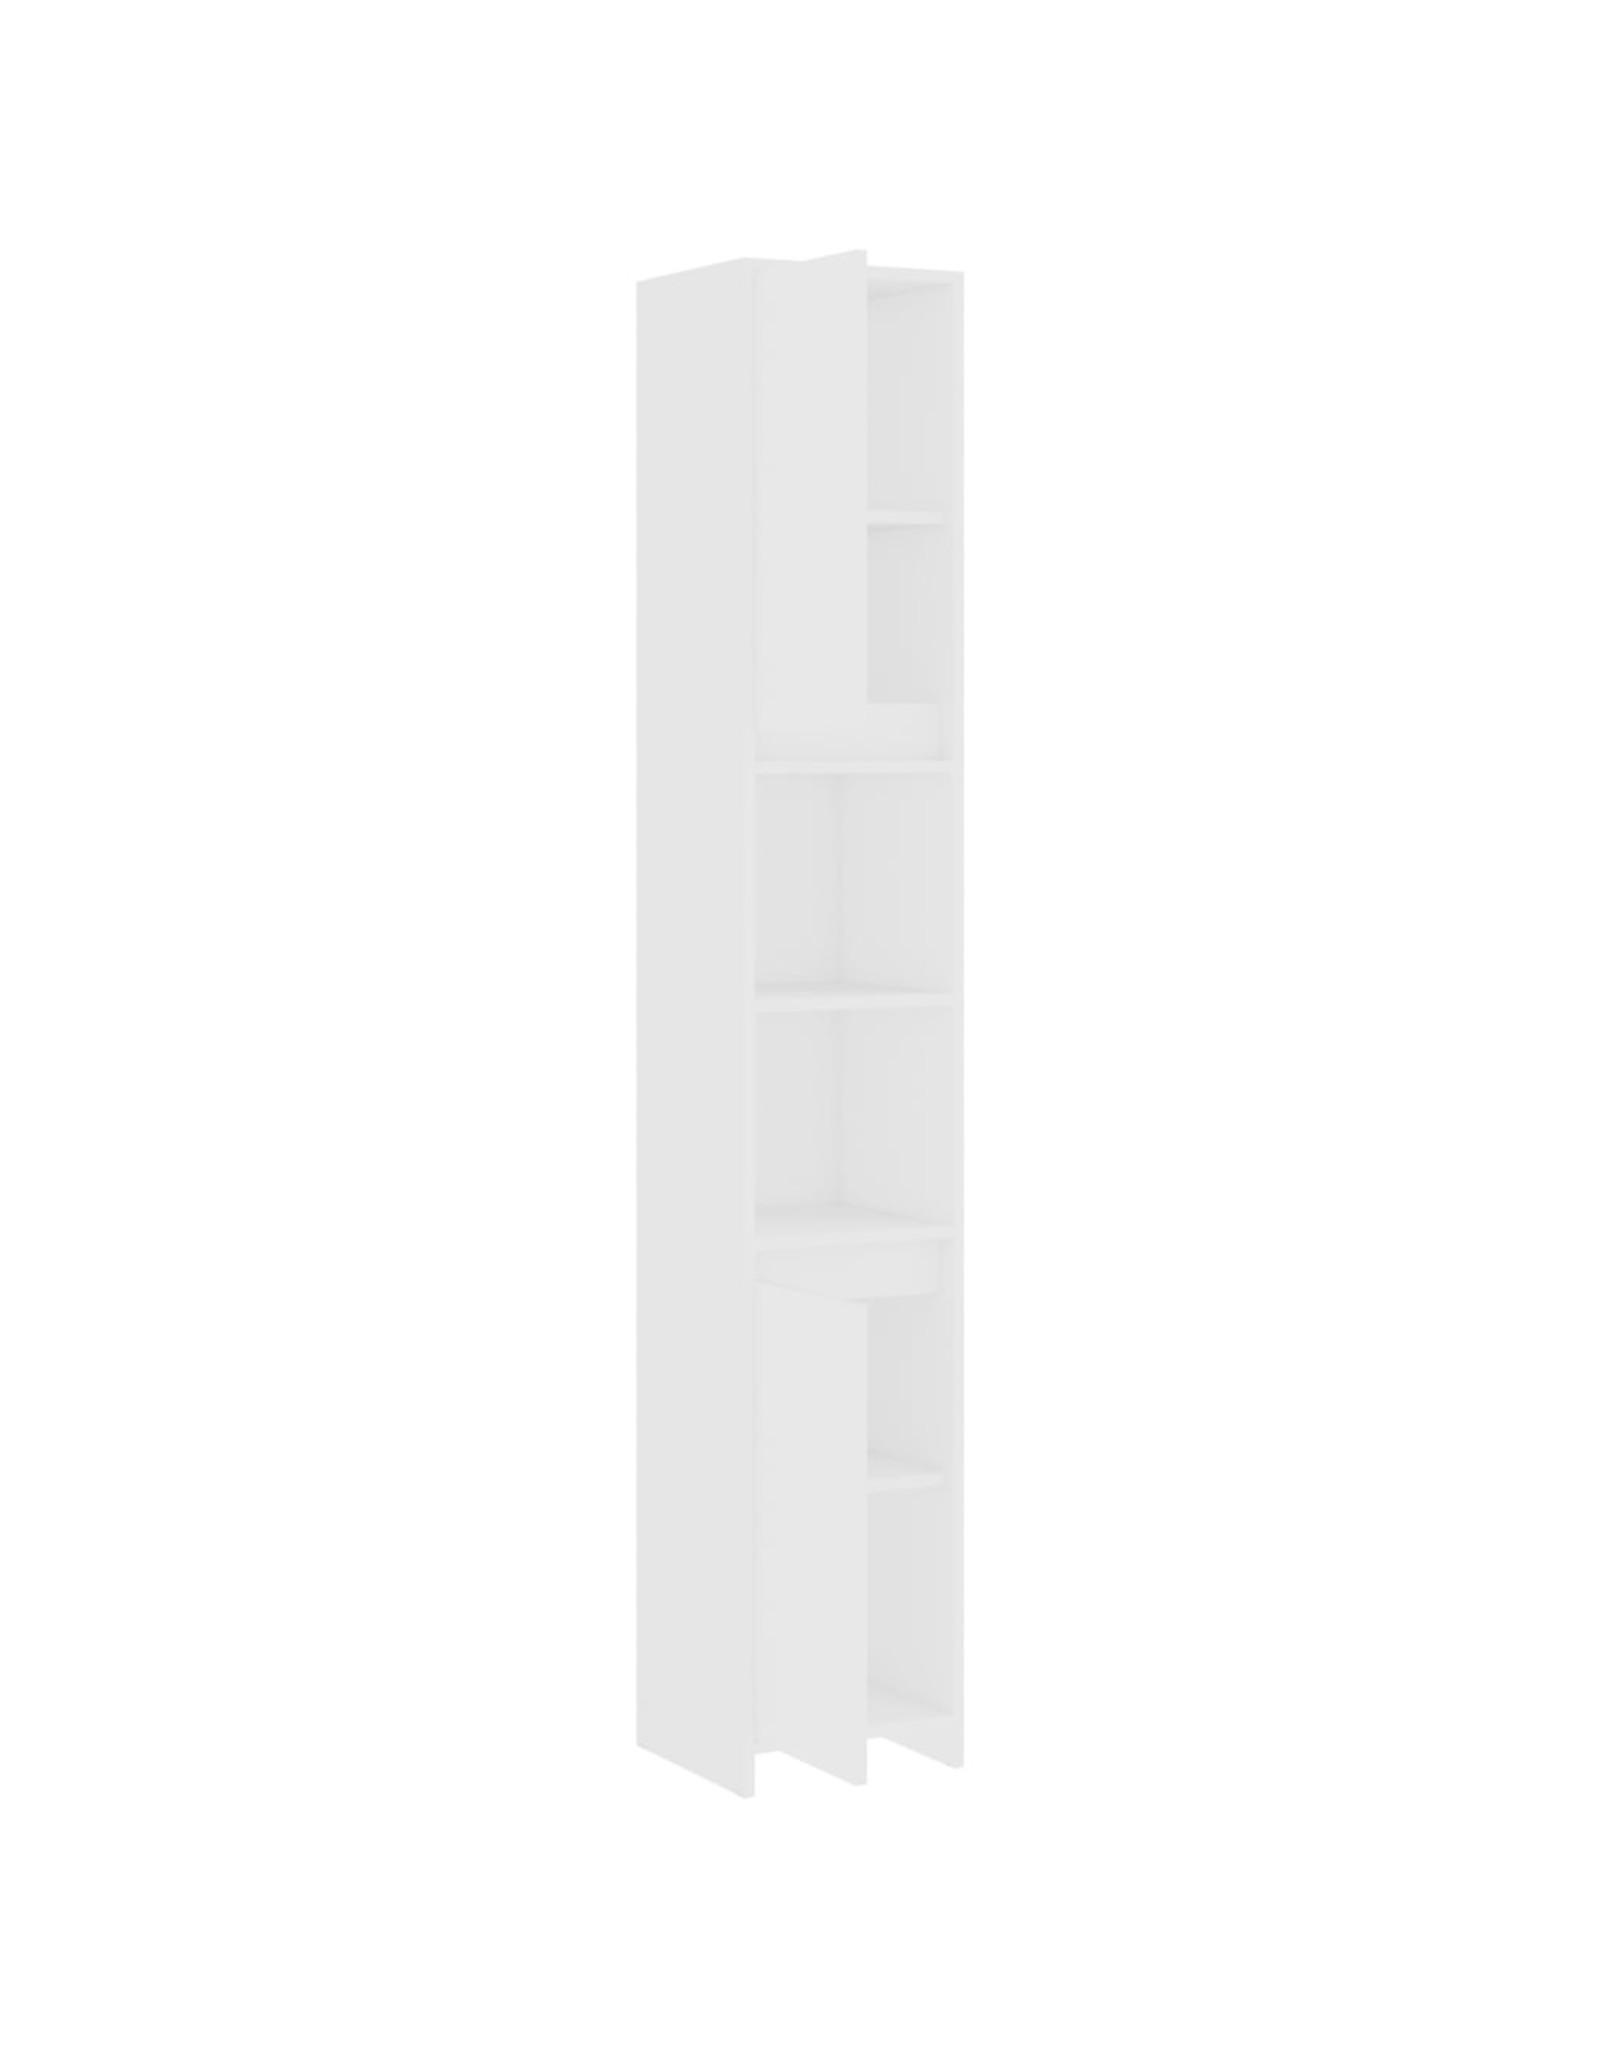 Badkamerkast 30x30x183,5 cm spaanplaat wit